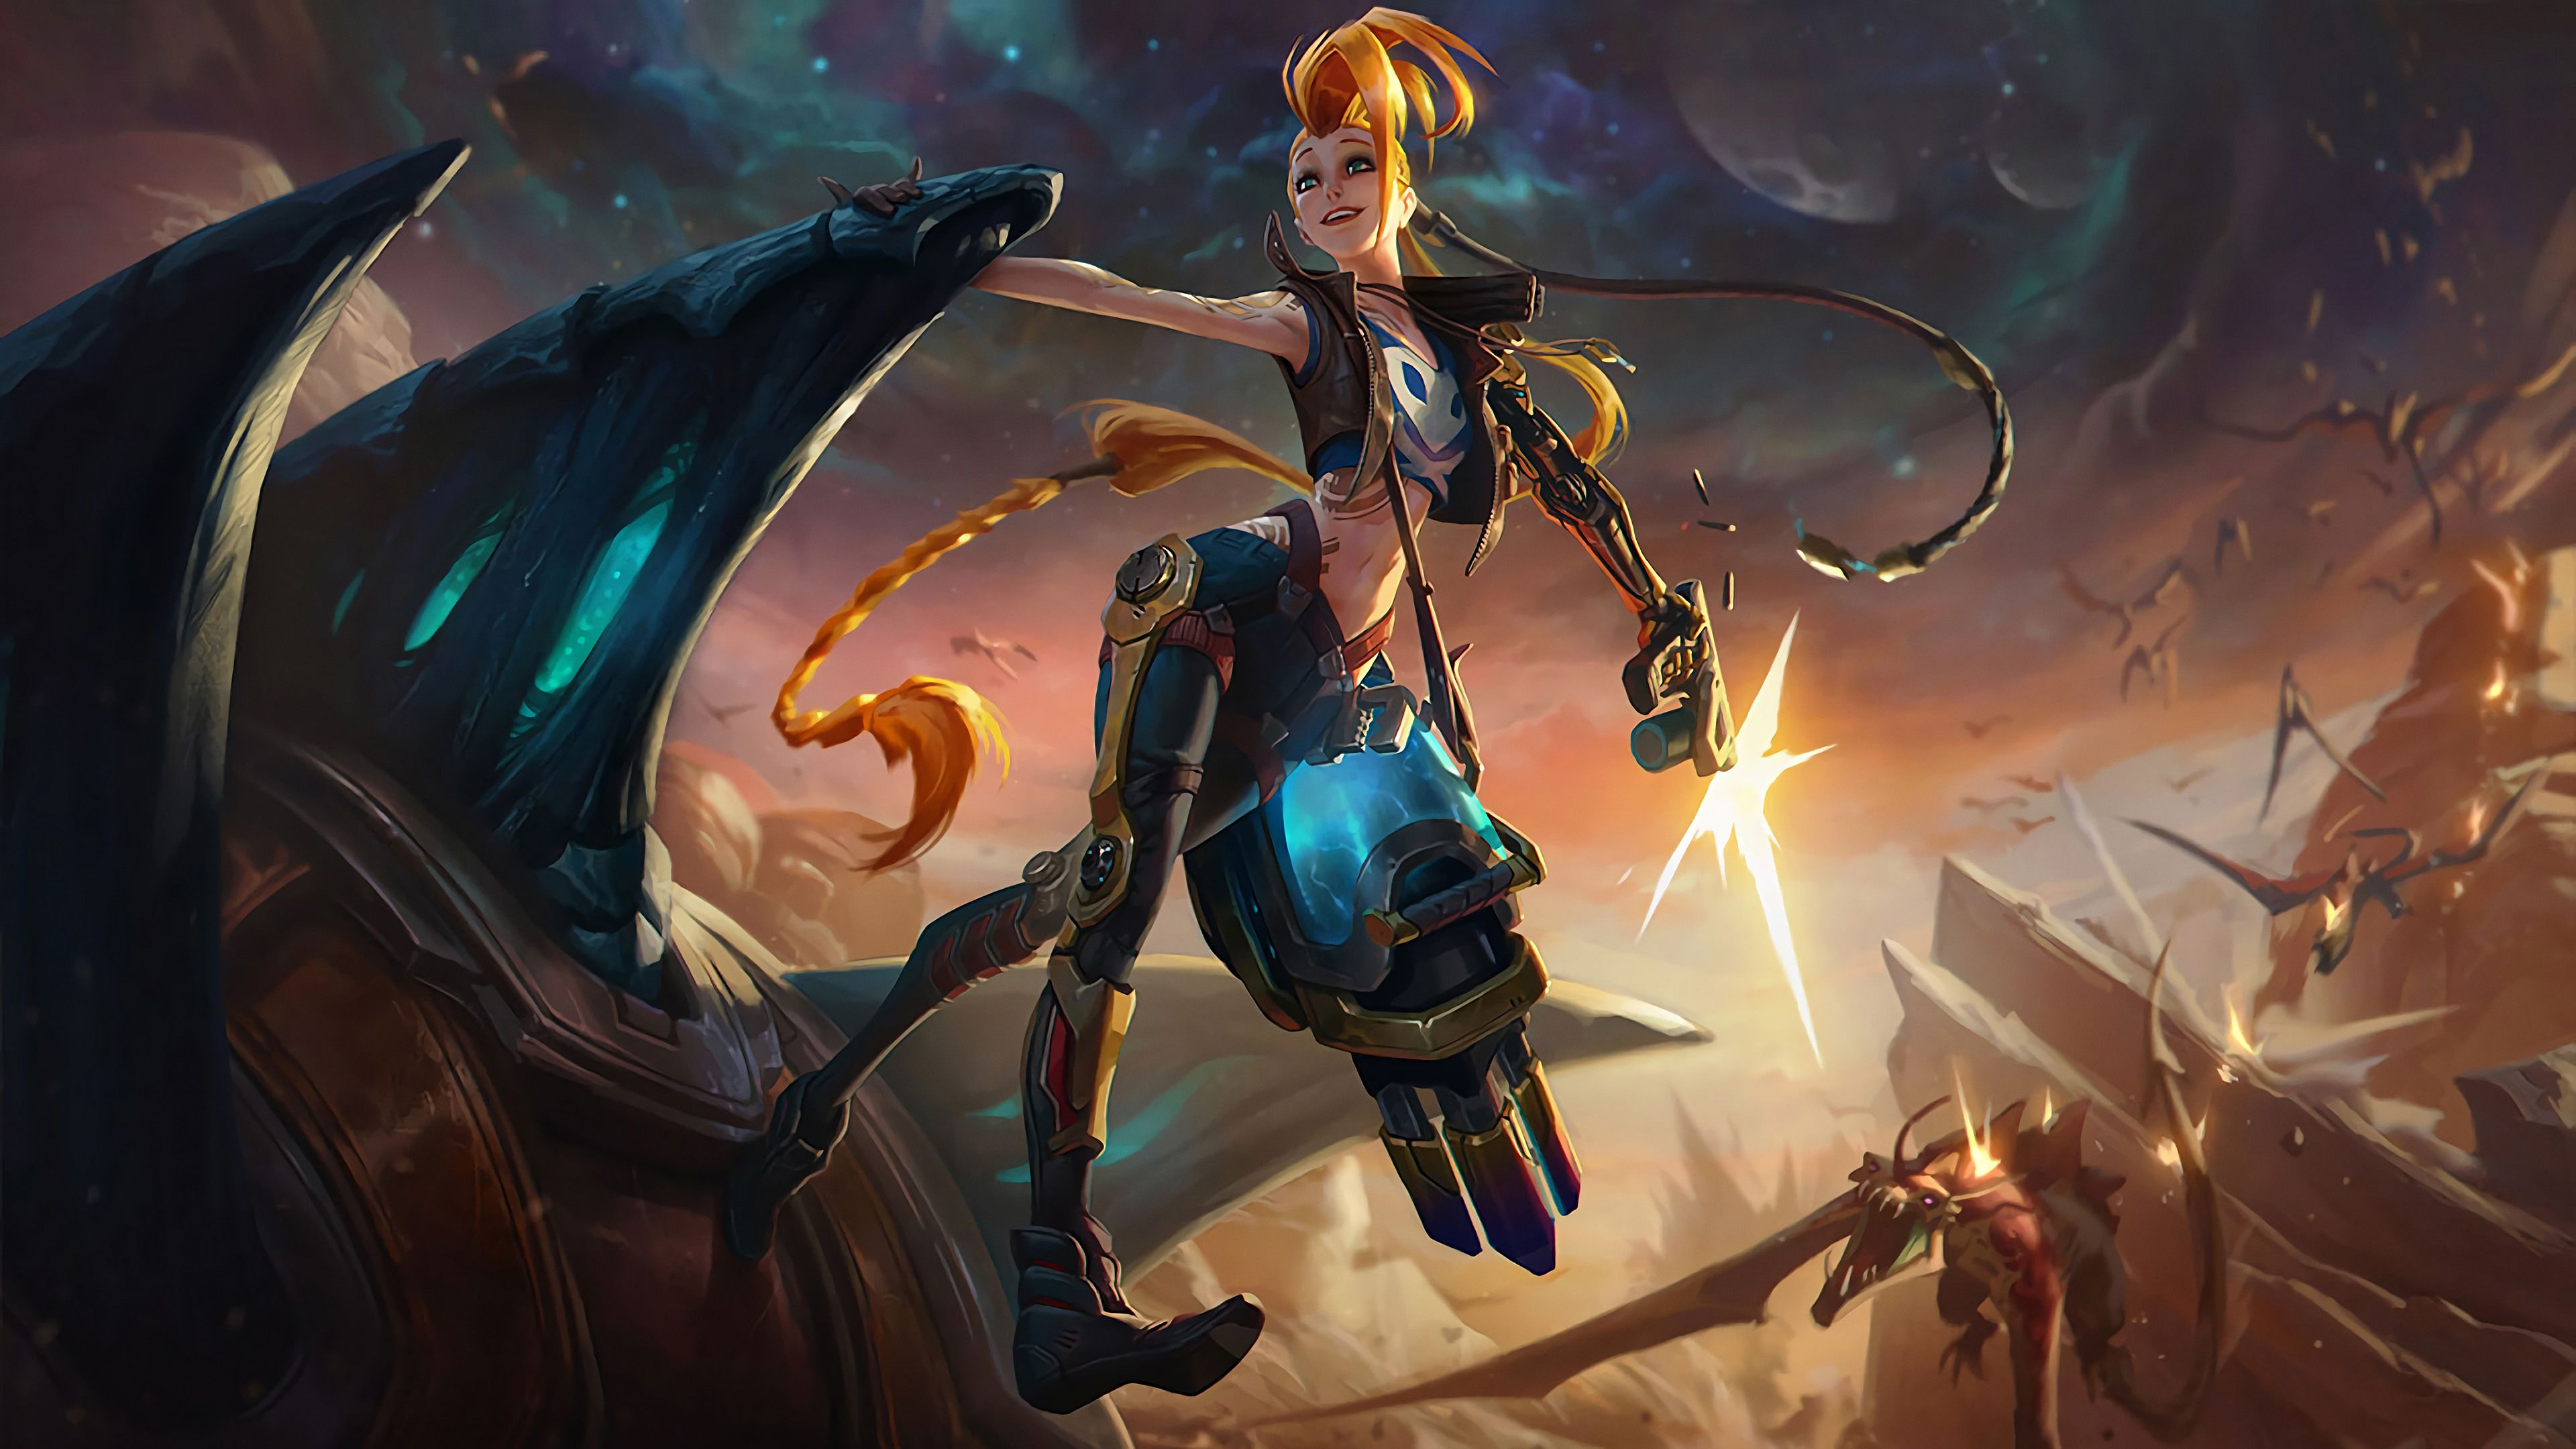 Jinx League Of Legends 8k League Of Legends Wallpapers Jinx League Of Legends Wallpapers Hd Wa Jinx League Of Legends Lol League Of Legends League Of Legends